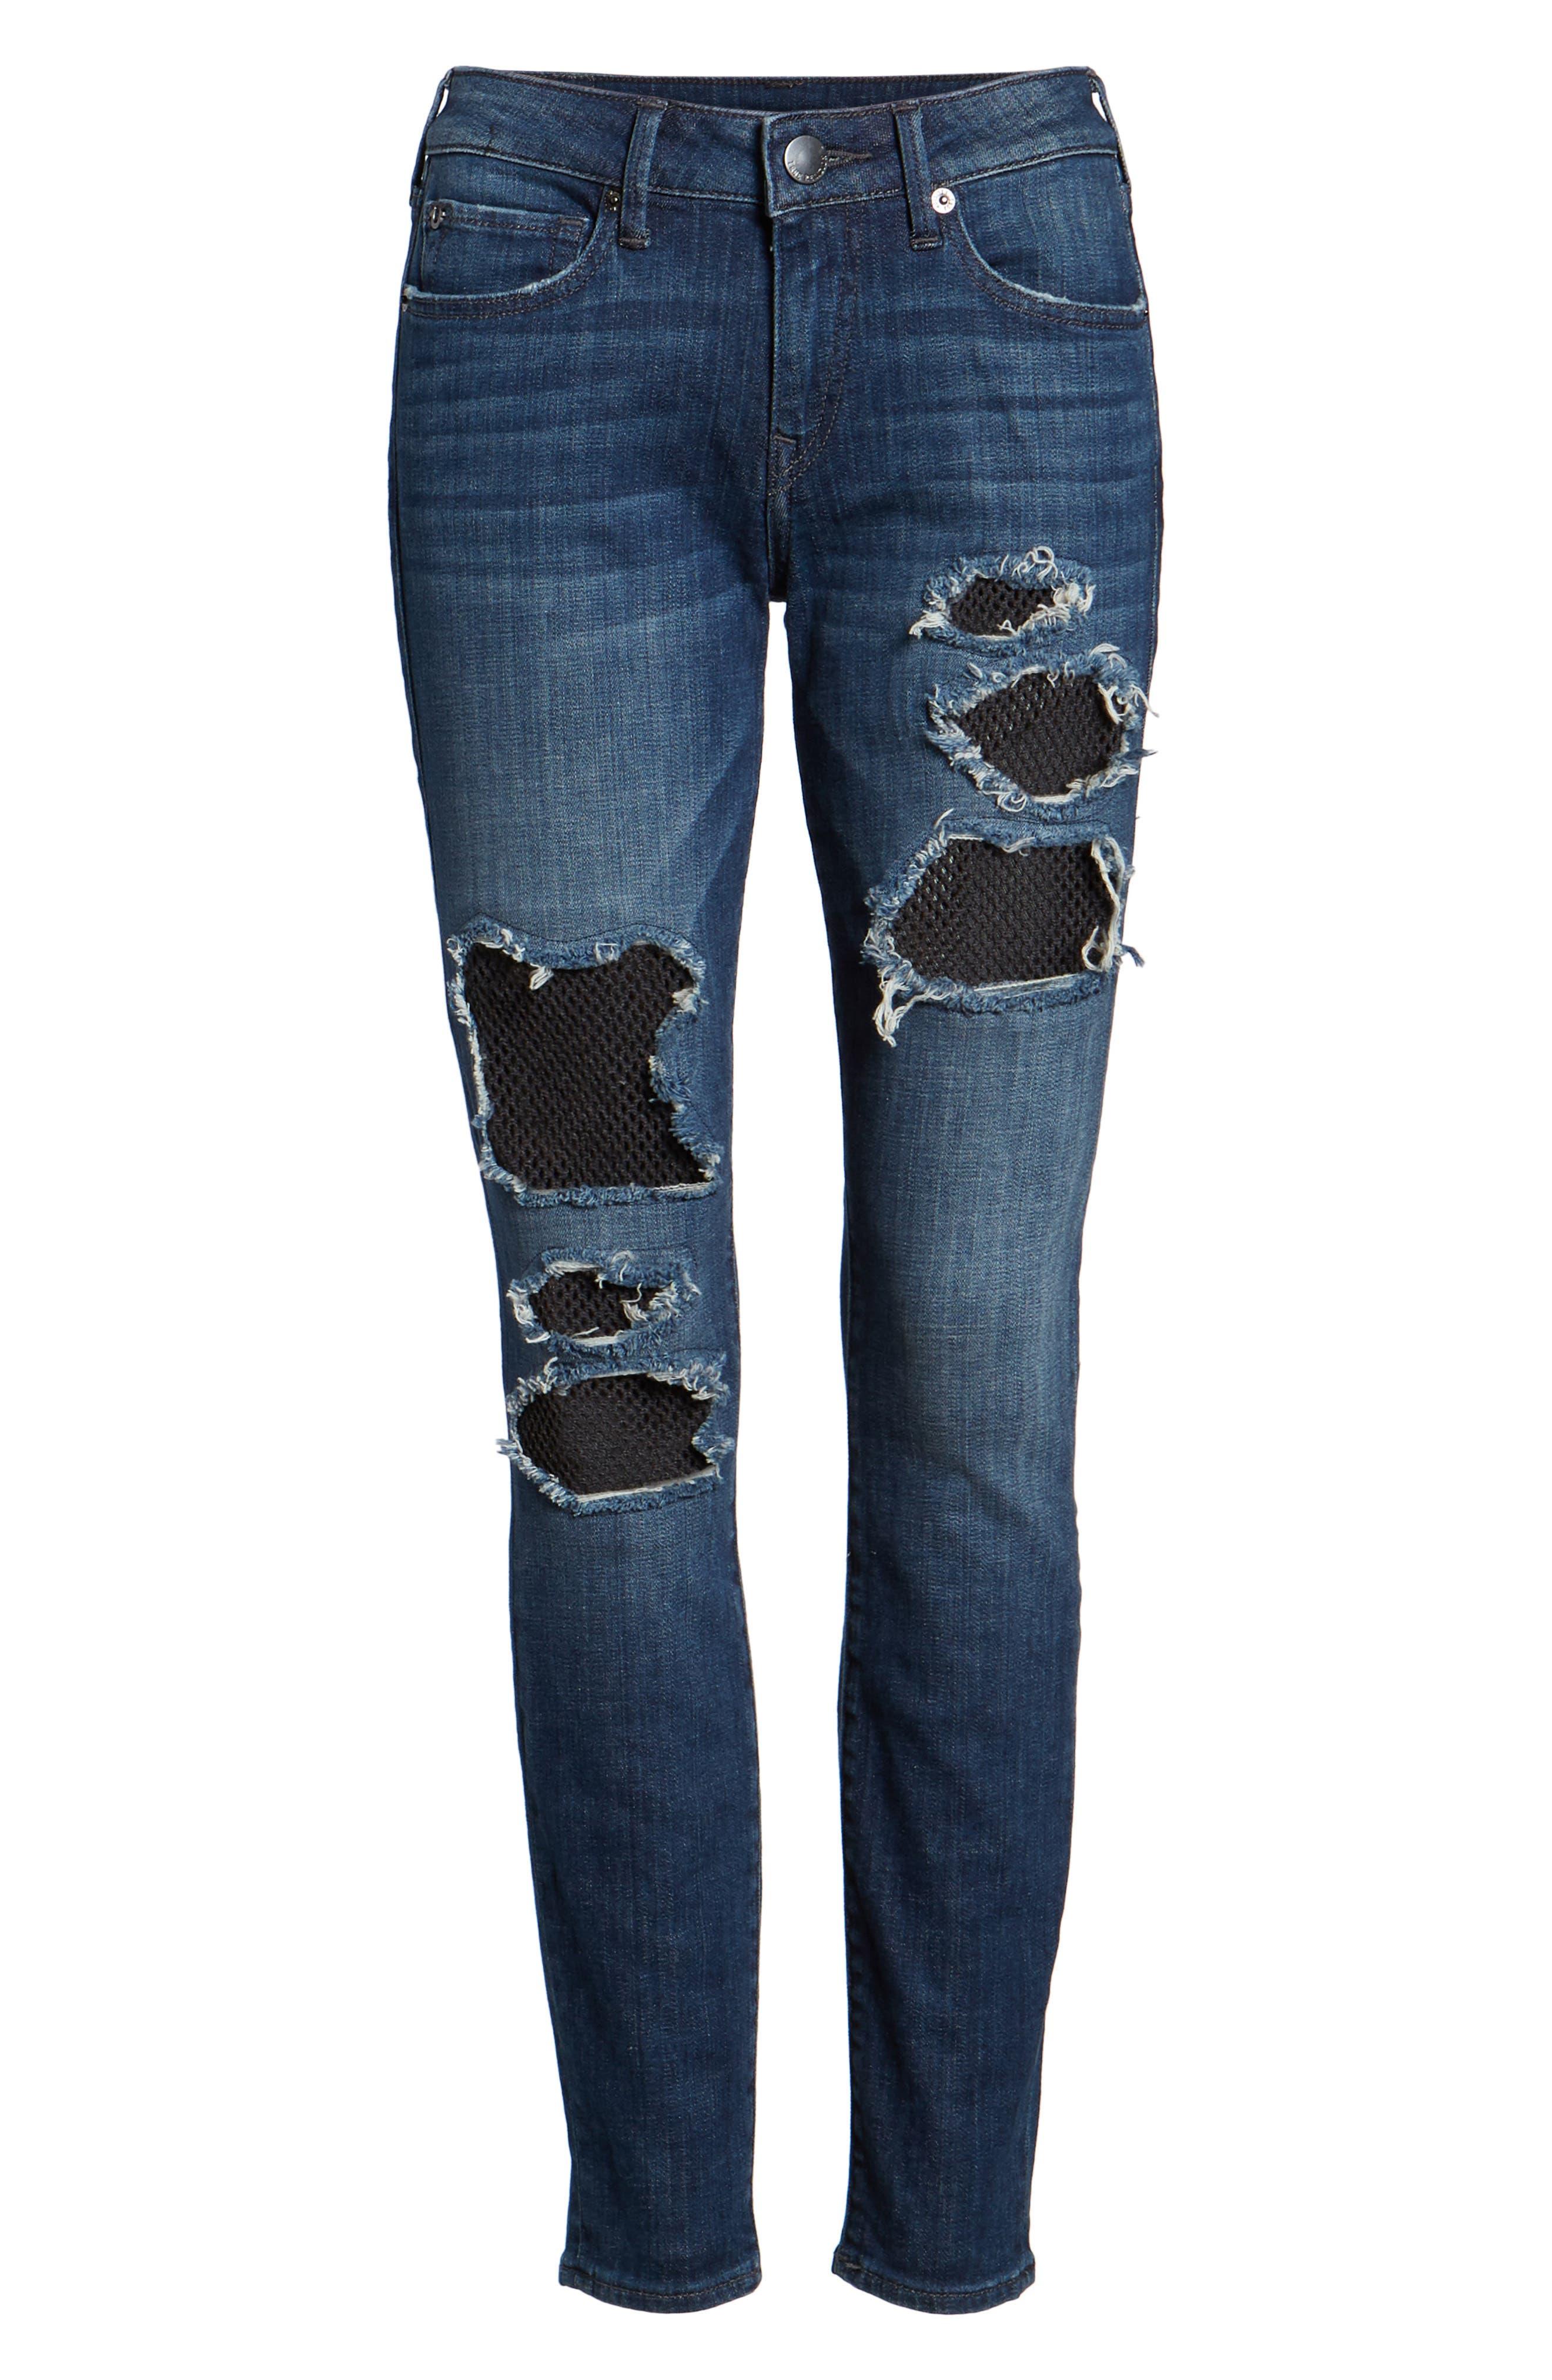 Halle Fishnet Skinny Jeans,                             Alternate thumbnail 7, color,                             Ebrd Cobalt Crush